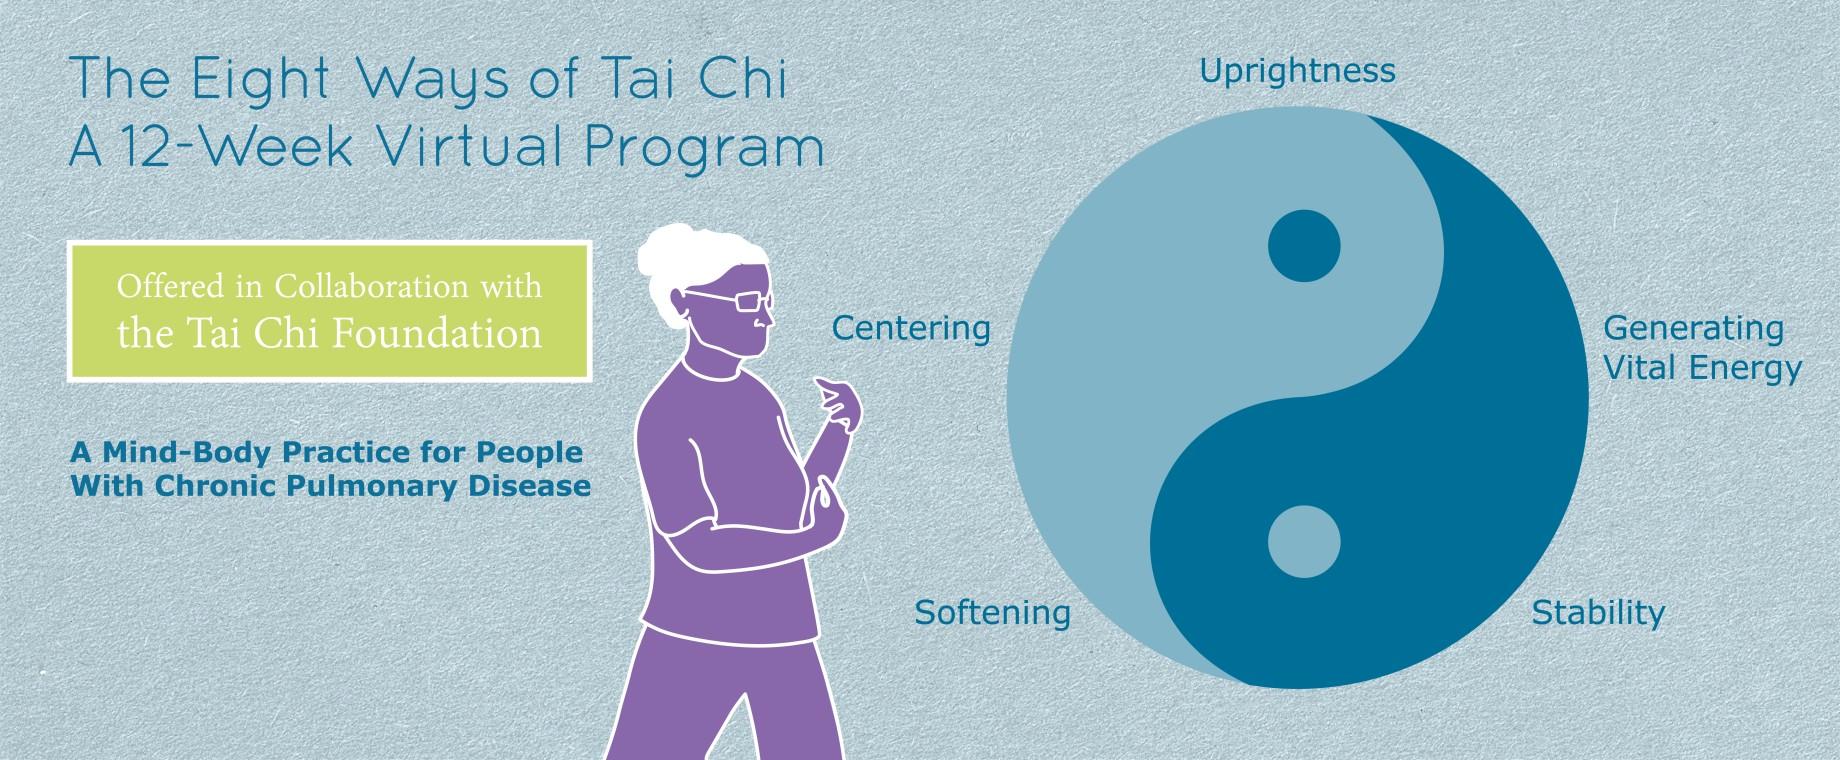 eight-ways-of-tai-chi_slide.jpg